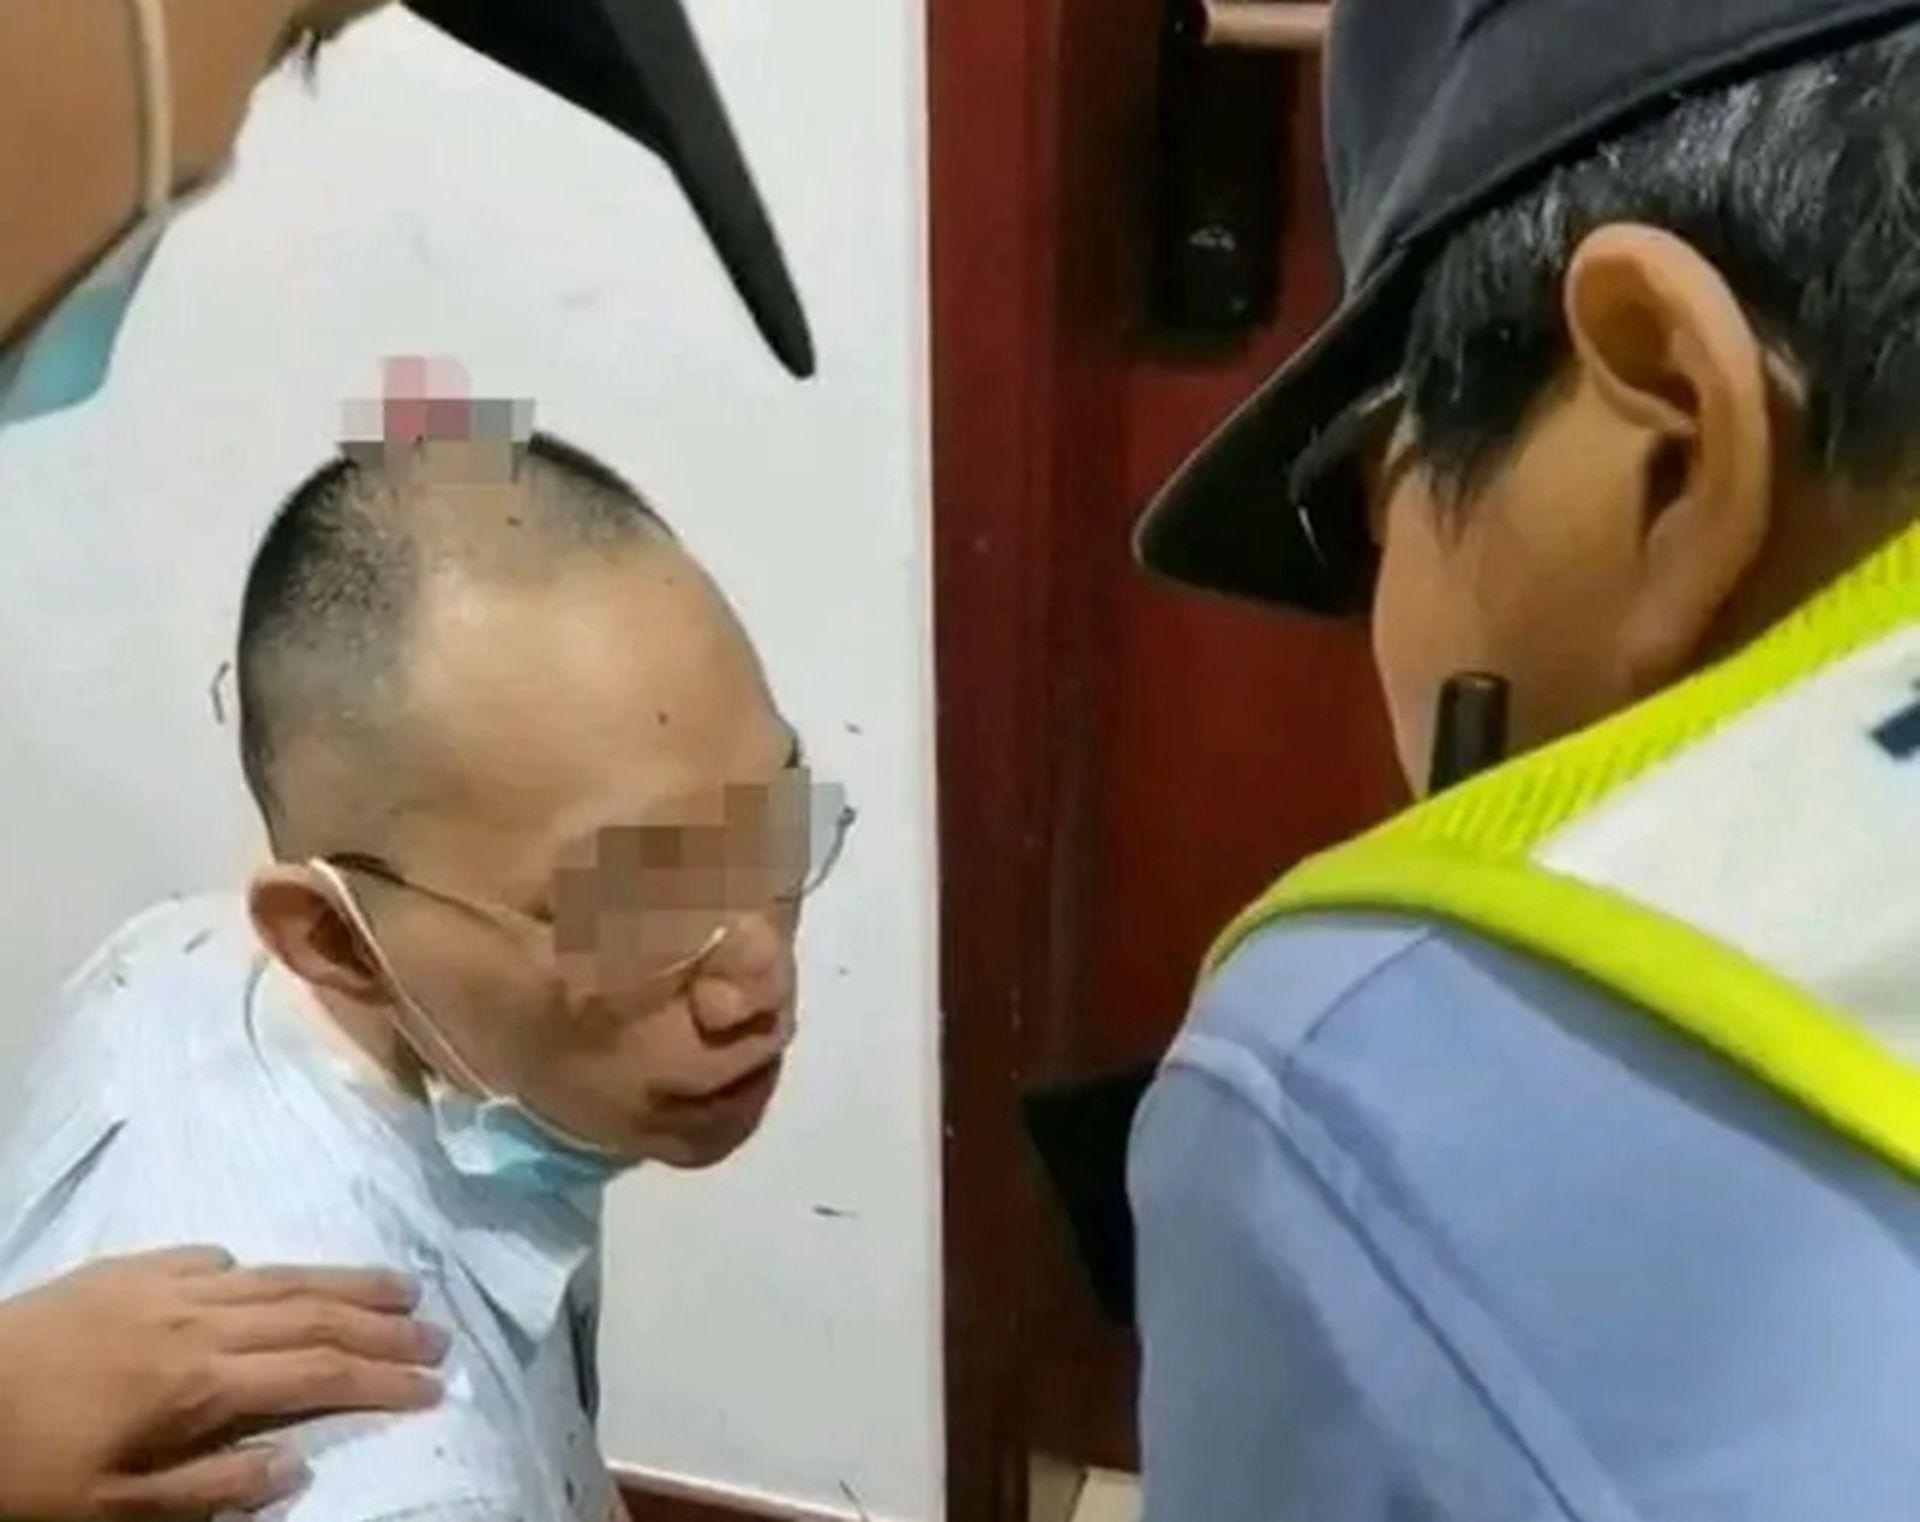 复旦割喉事件 姜文华被判死缓减少海归回国忧虑?